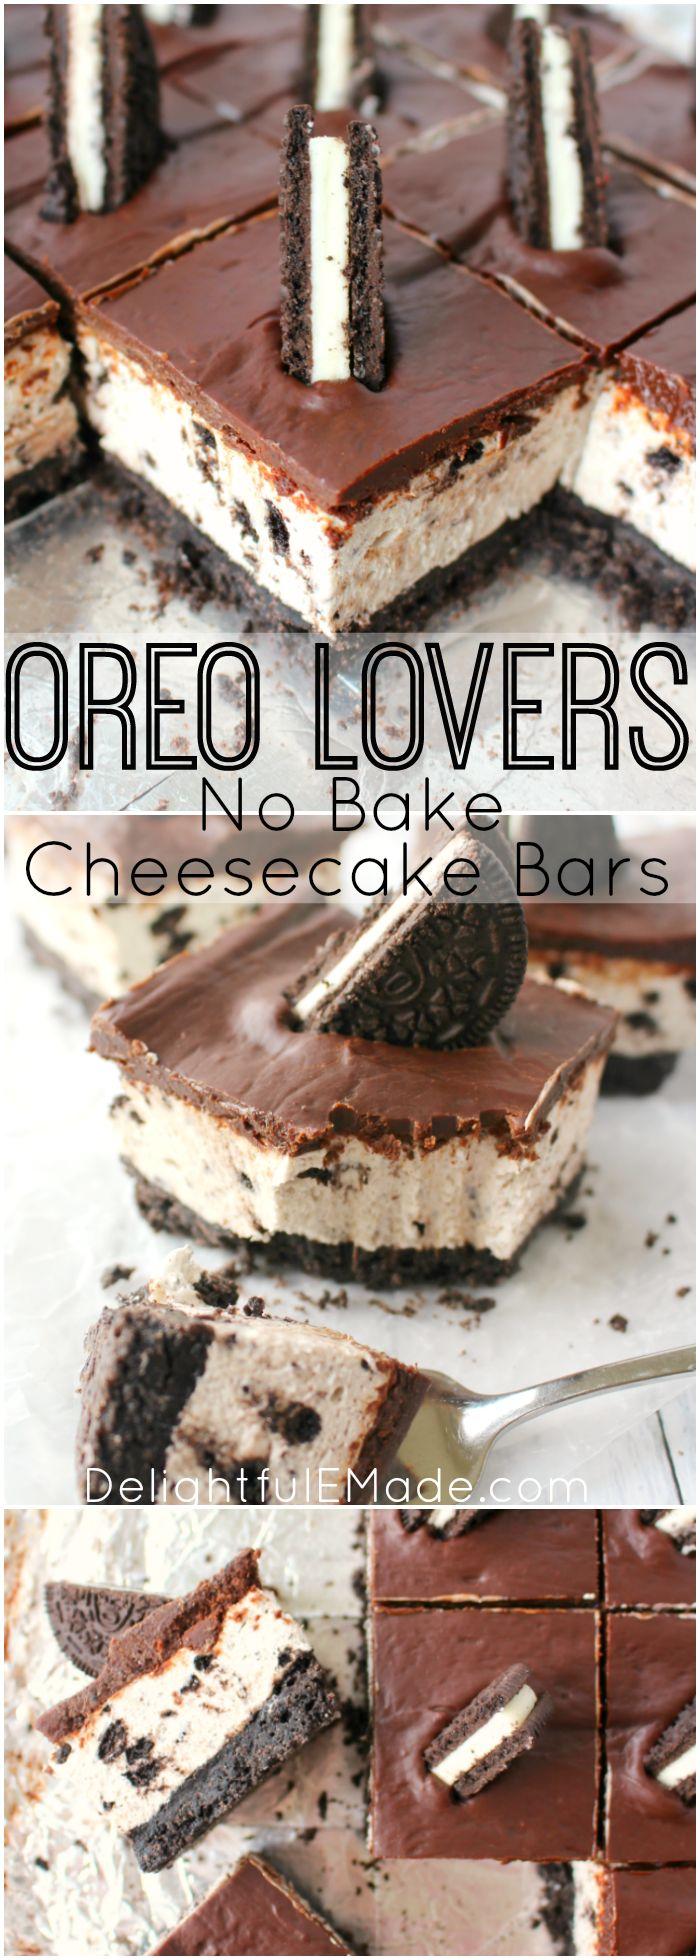 Das ultimative Dessert für jeden, der OREO Kekse liebt! Eine dicke OREO Kruste, cremige OREO No-Bake-Käsefüllung, und gekrönt mit einem leckeren Schokoladenschicht. Diese einfache, No-Bake-Dessert ist perfekt für fast jeden Anlass!